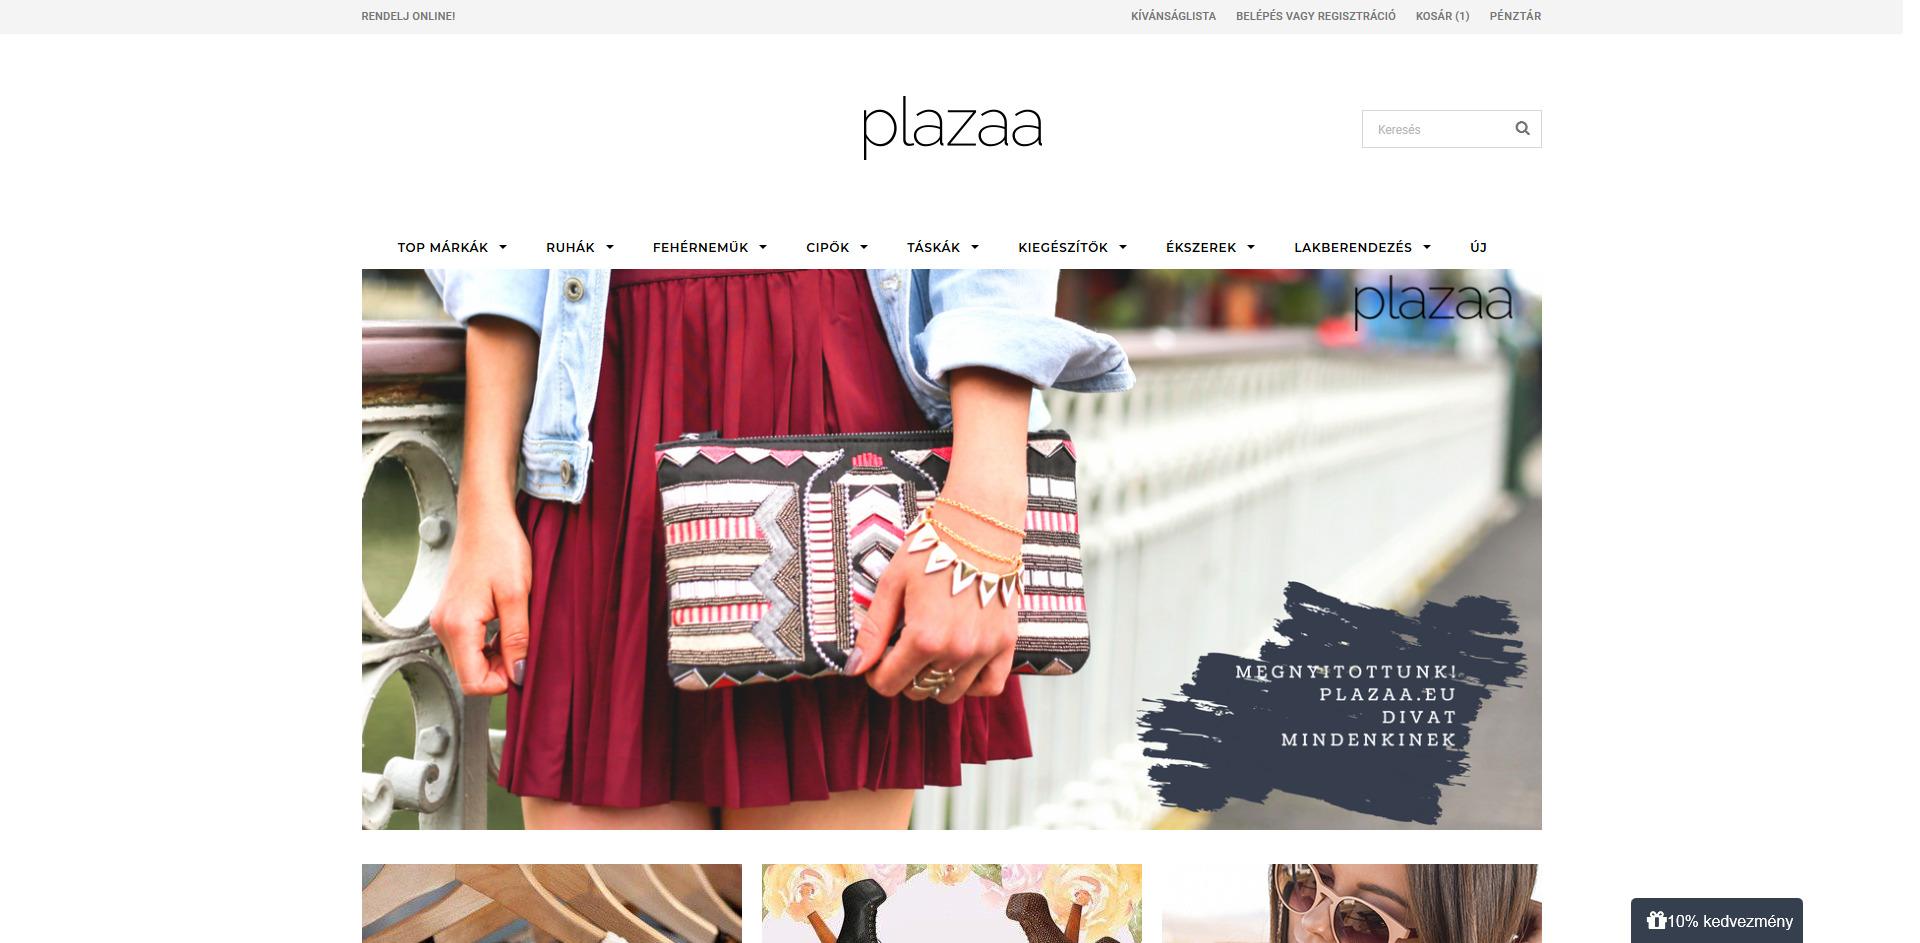 """<a href=""""https://plazaa.eu/"""" target=""""_blank"""">Plazaa.eu</a>"""